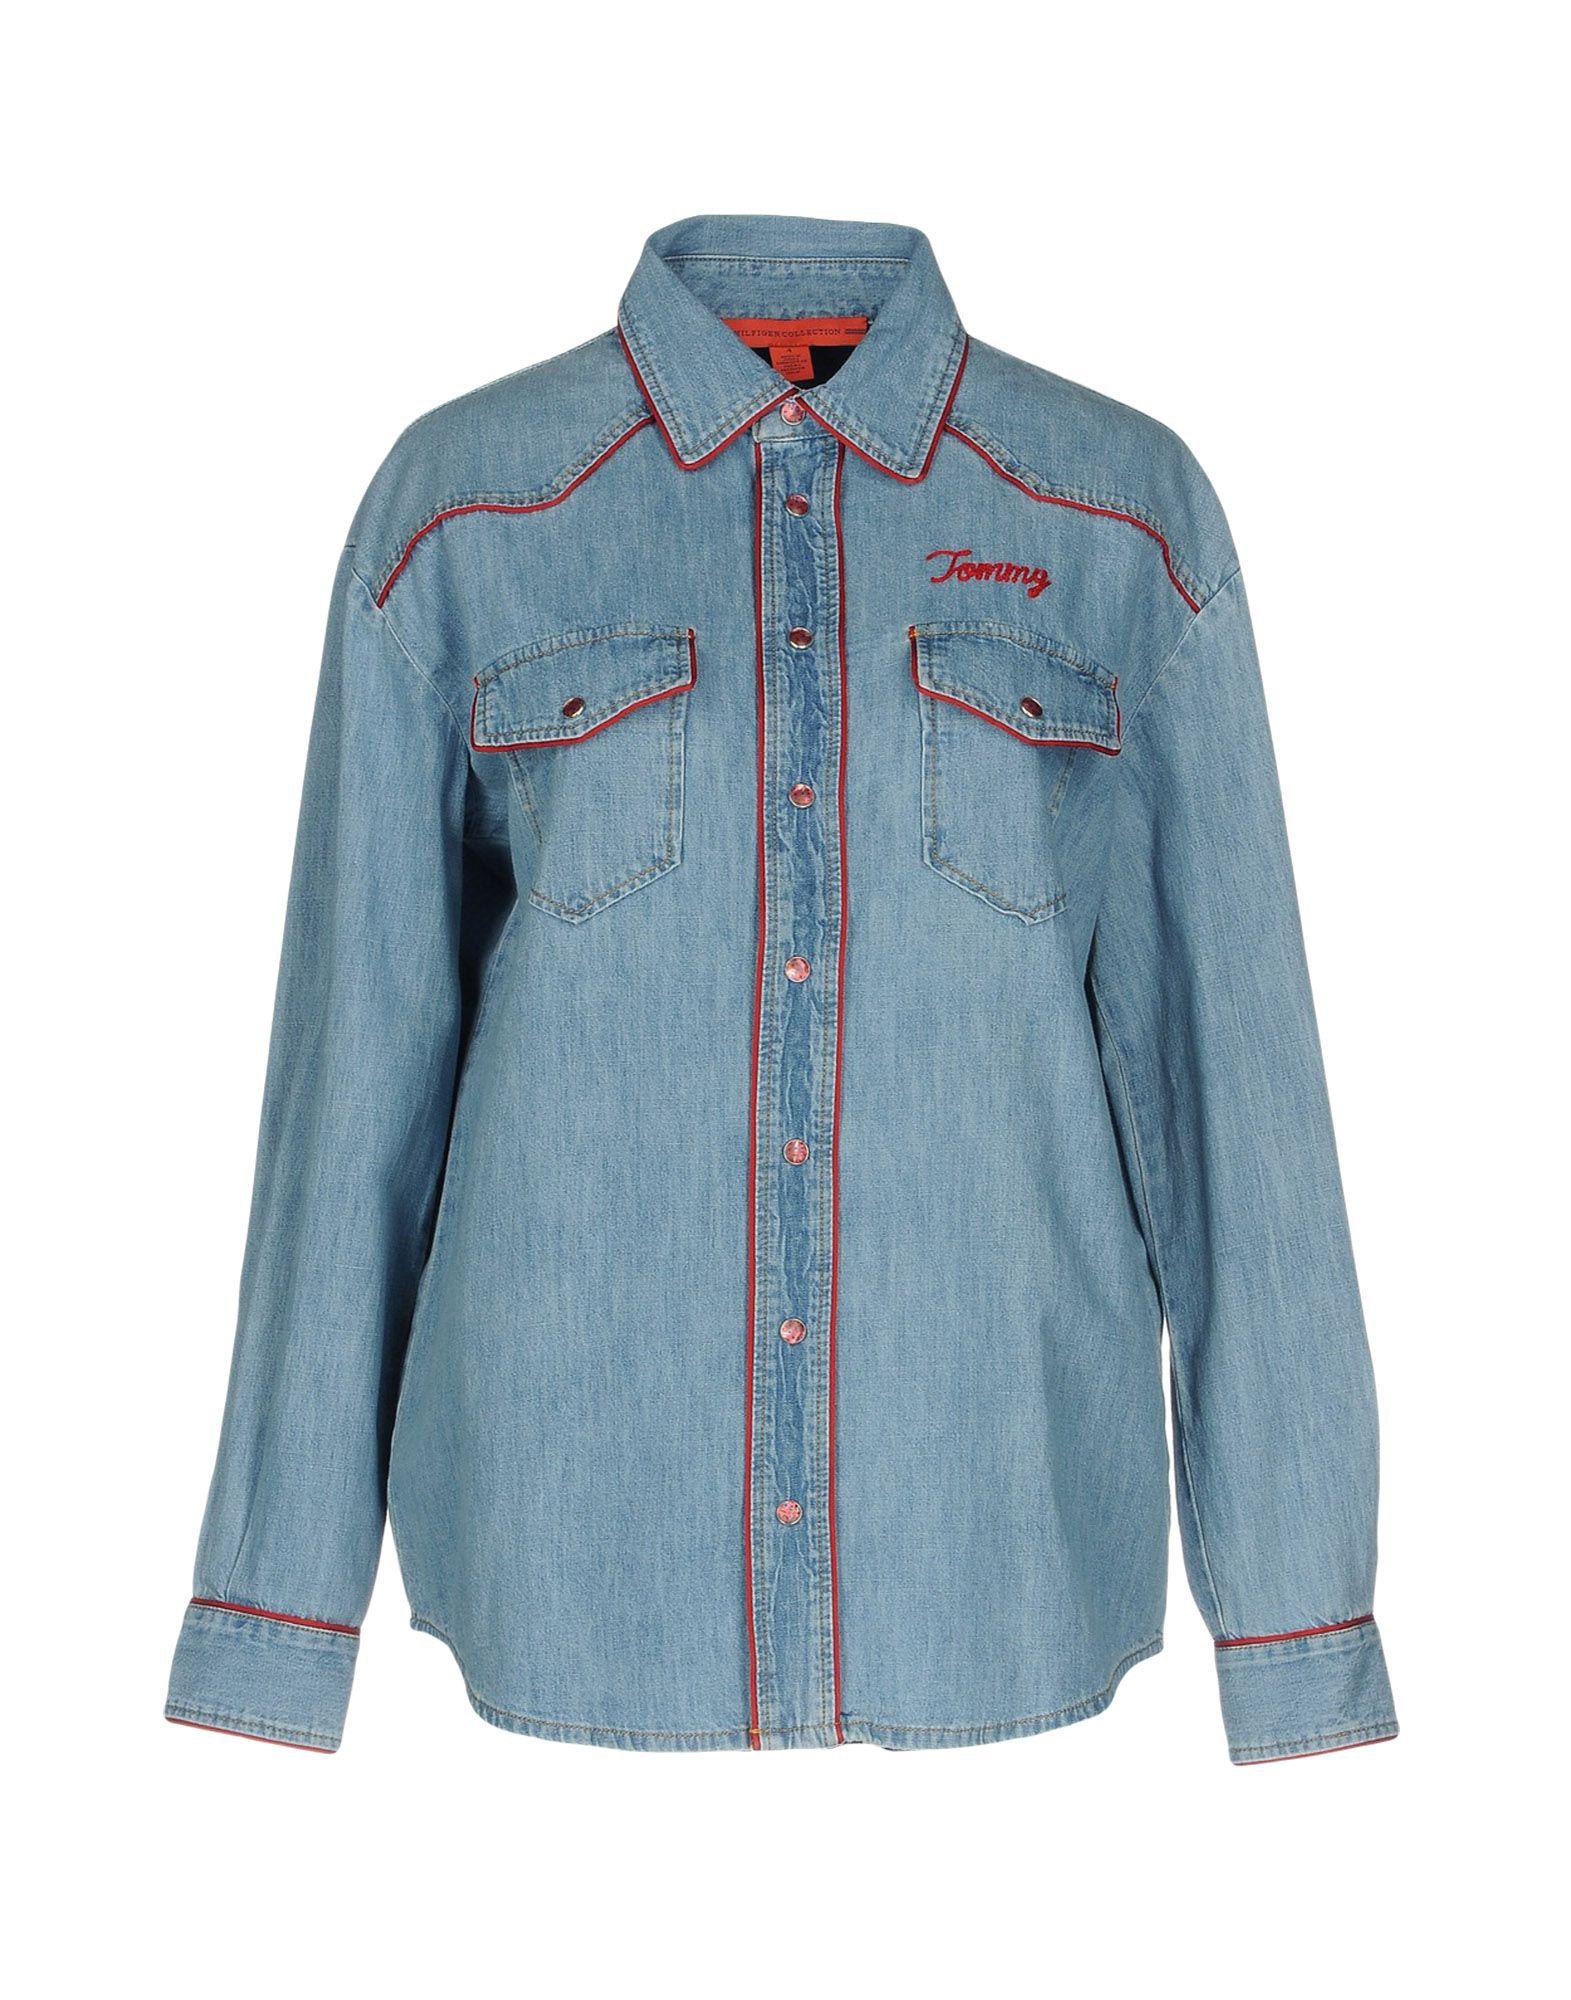 HILFIGER COLLECTION Джинсовая рубашка mcr джинсовая рубашка